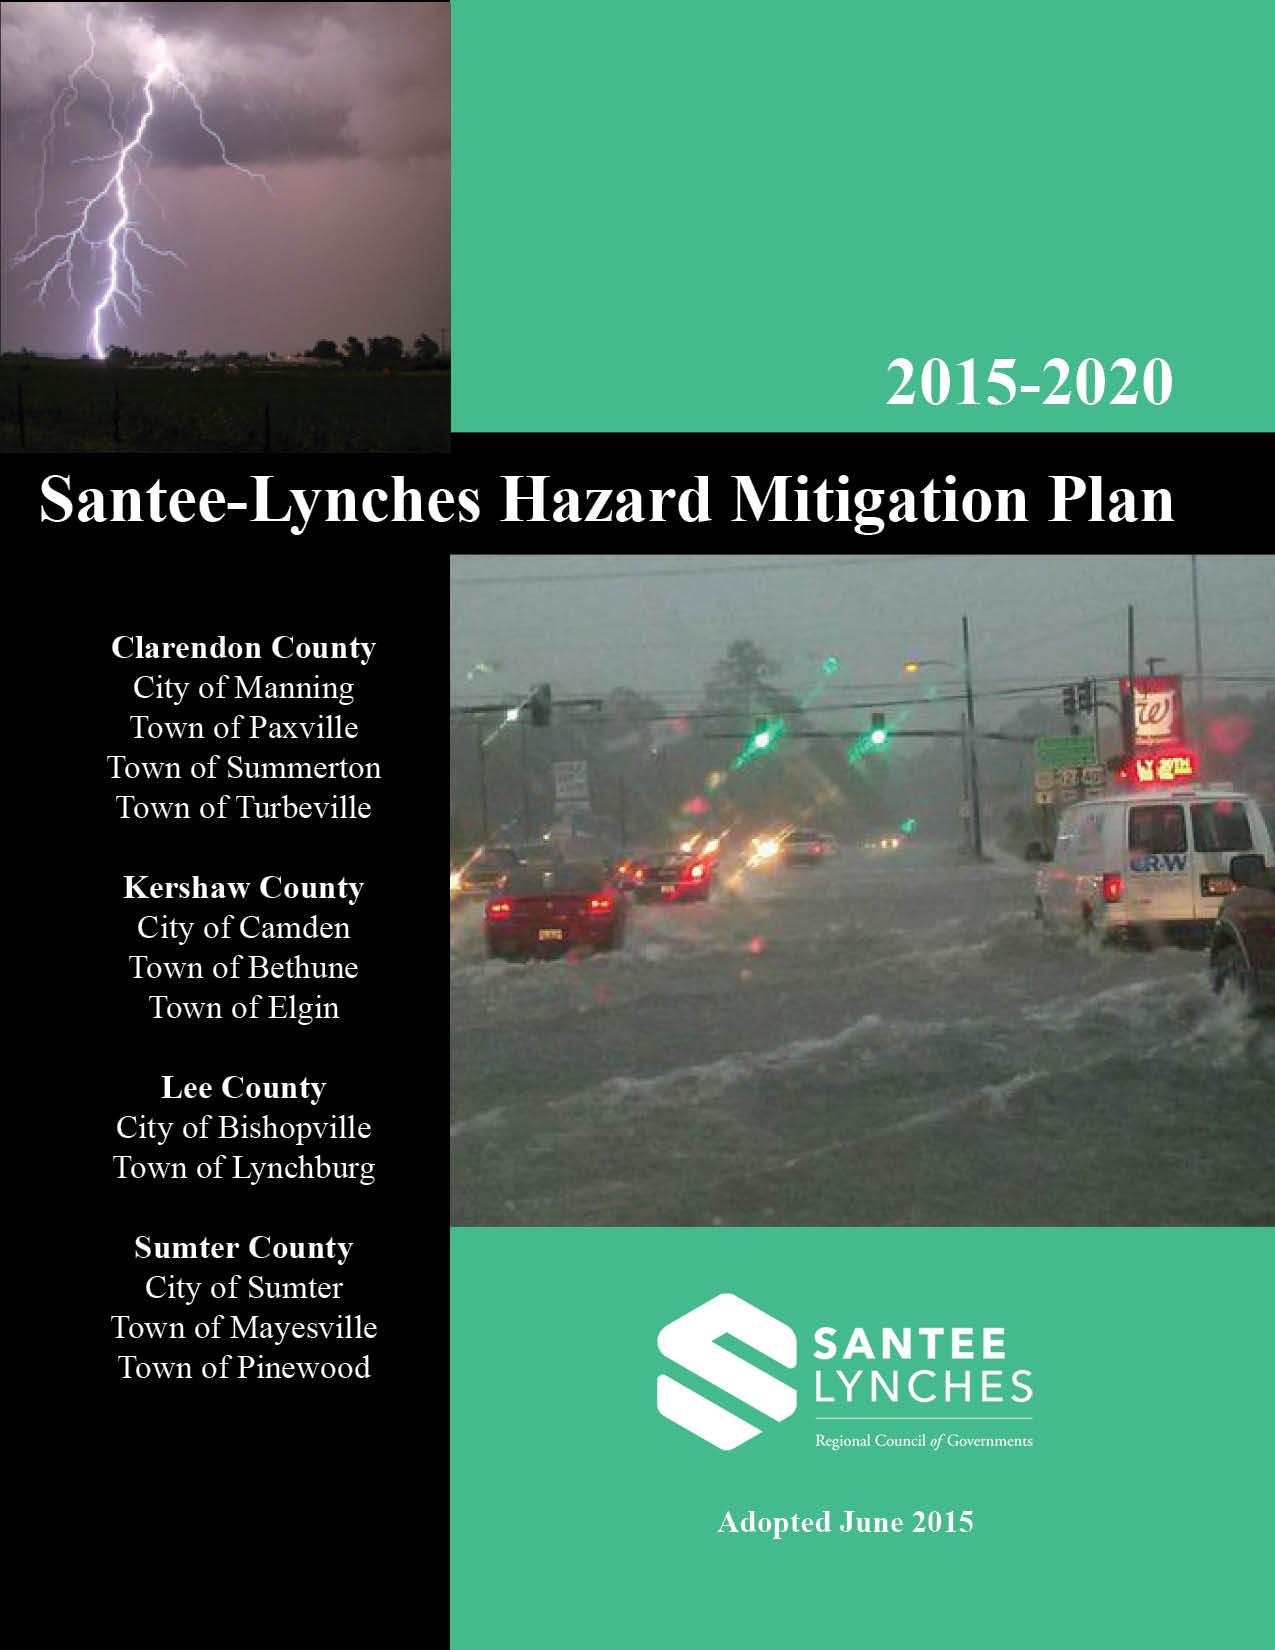 Hazard Mitigation Plan (2015-2020)